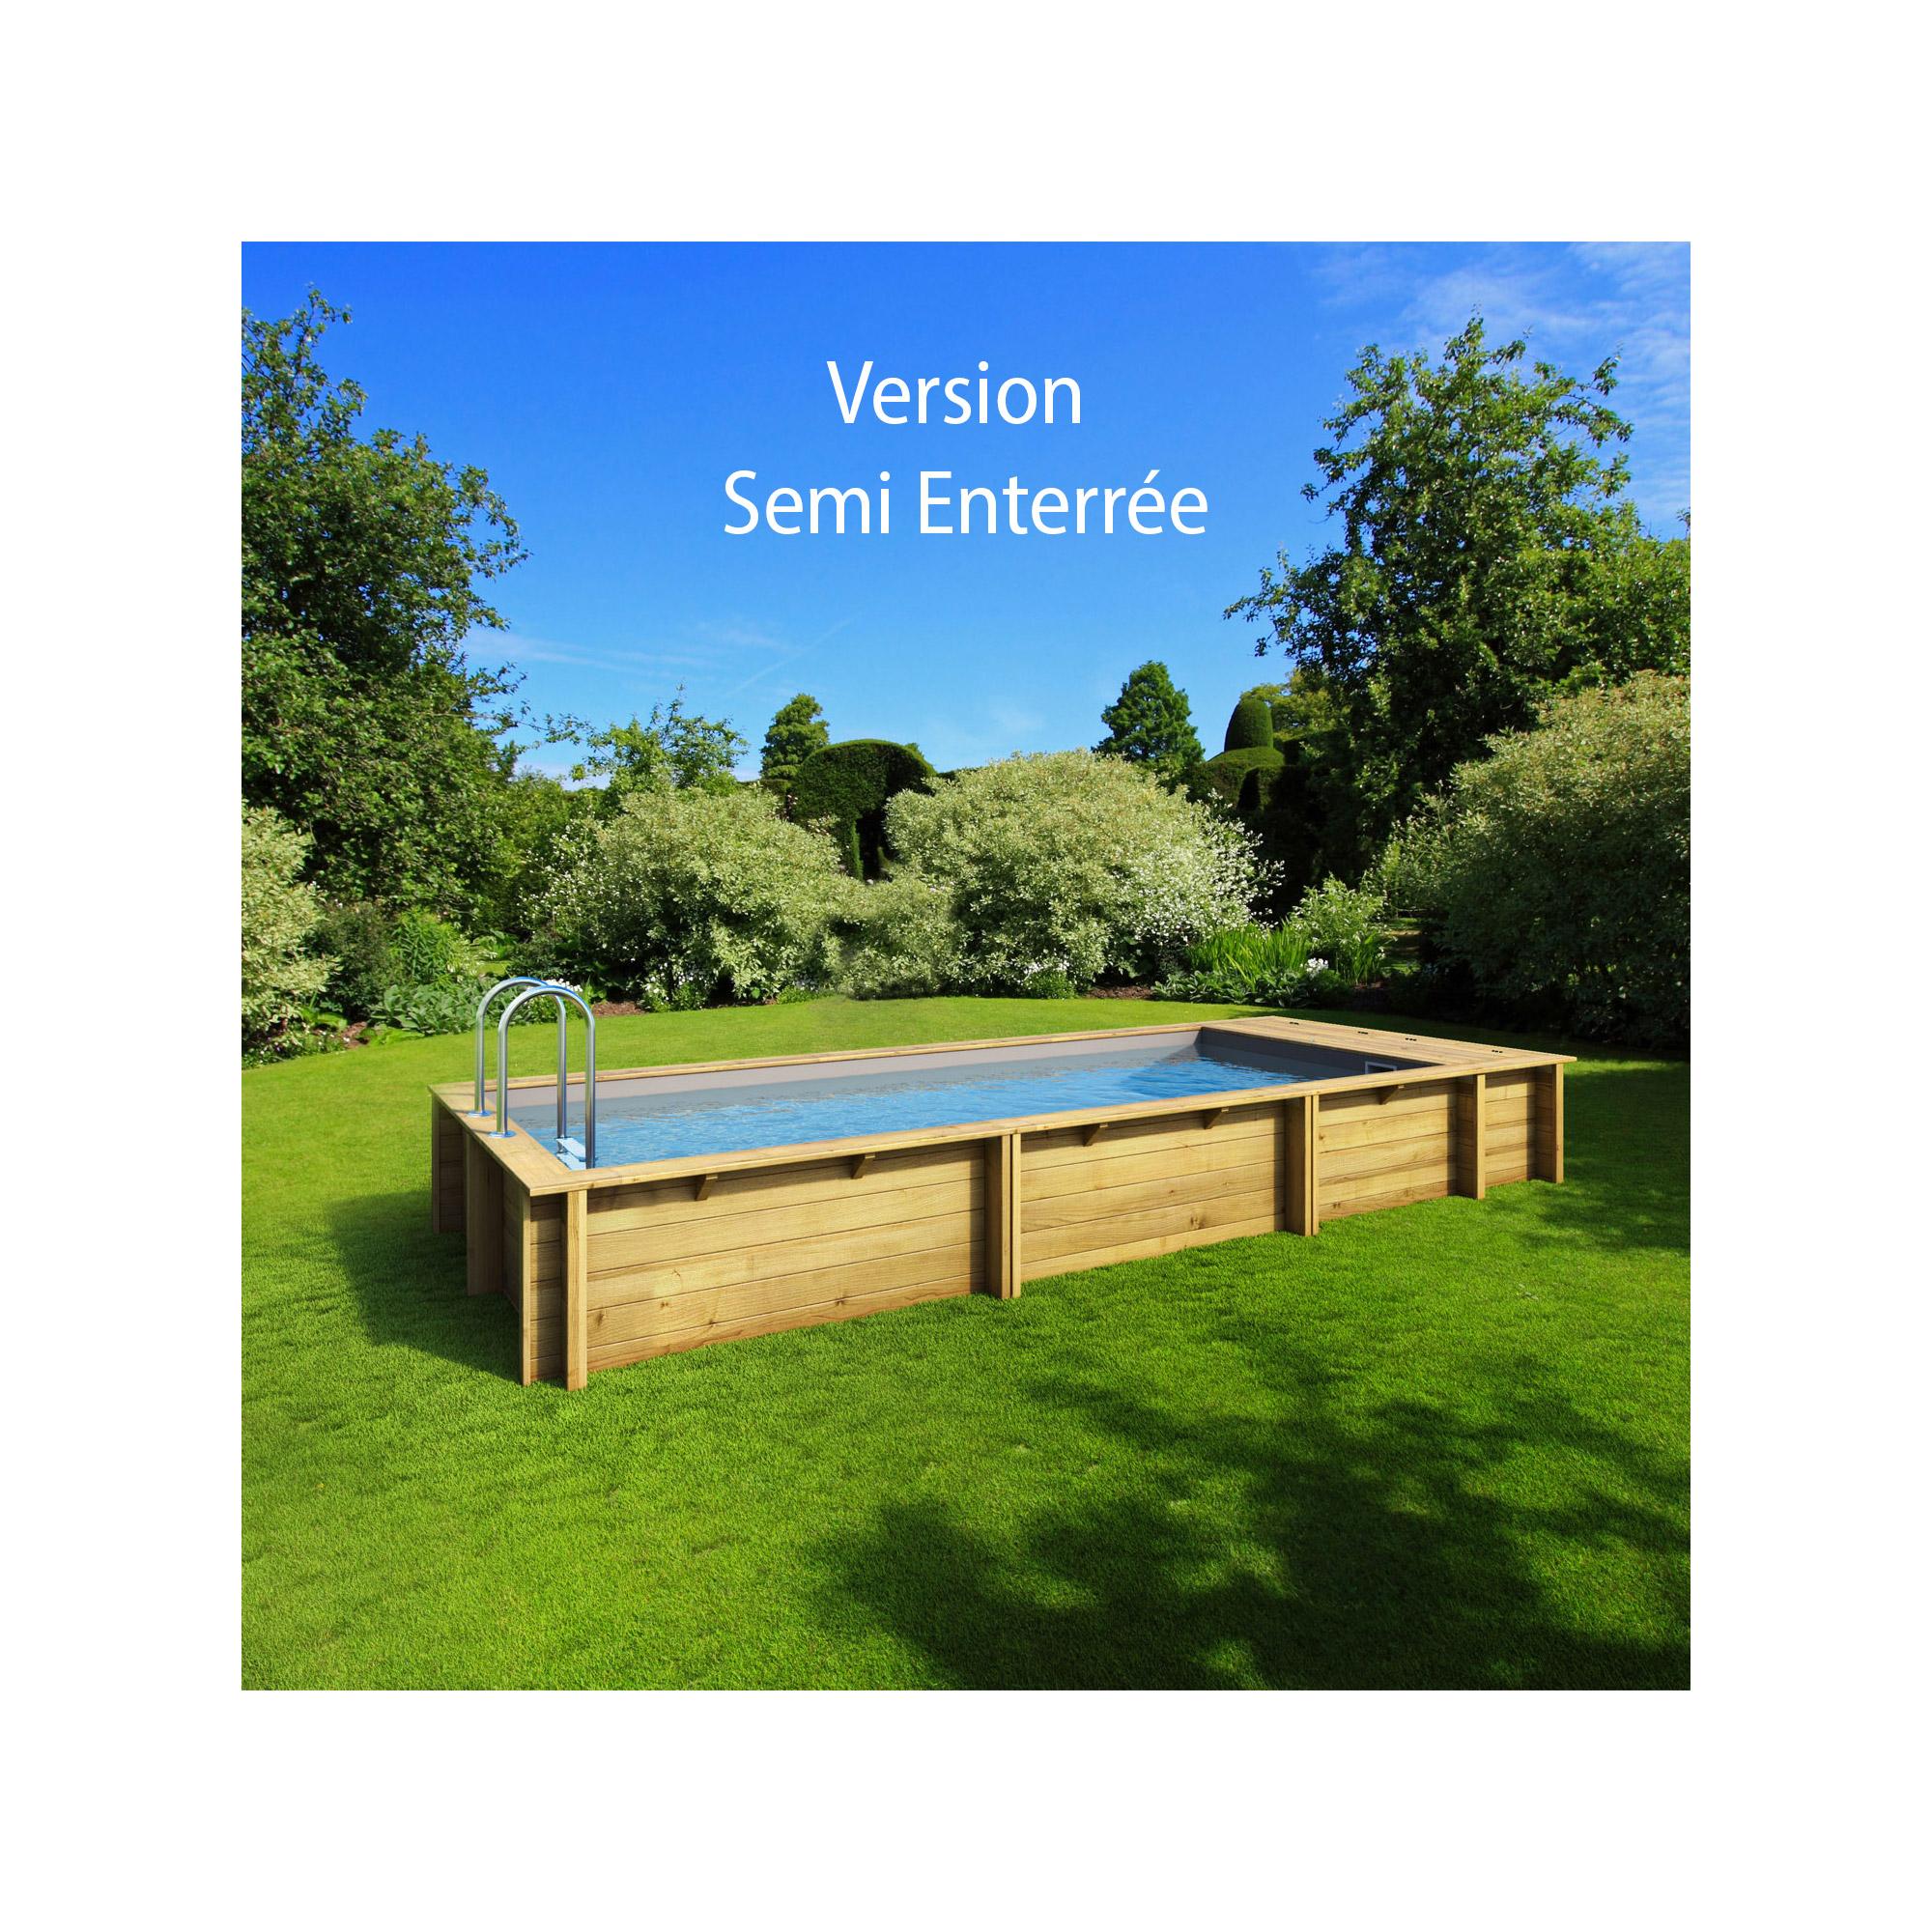 Piscine bois rectangulaire hors sol semi enterr e - Hivernage piscine bois semi enterree ...